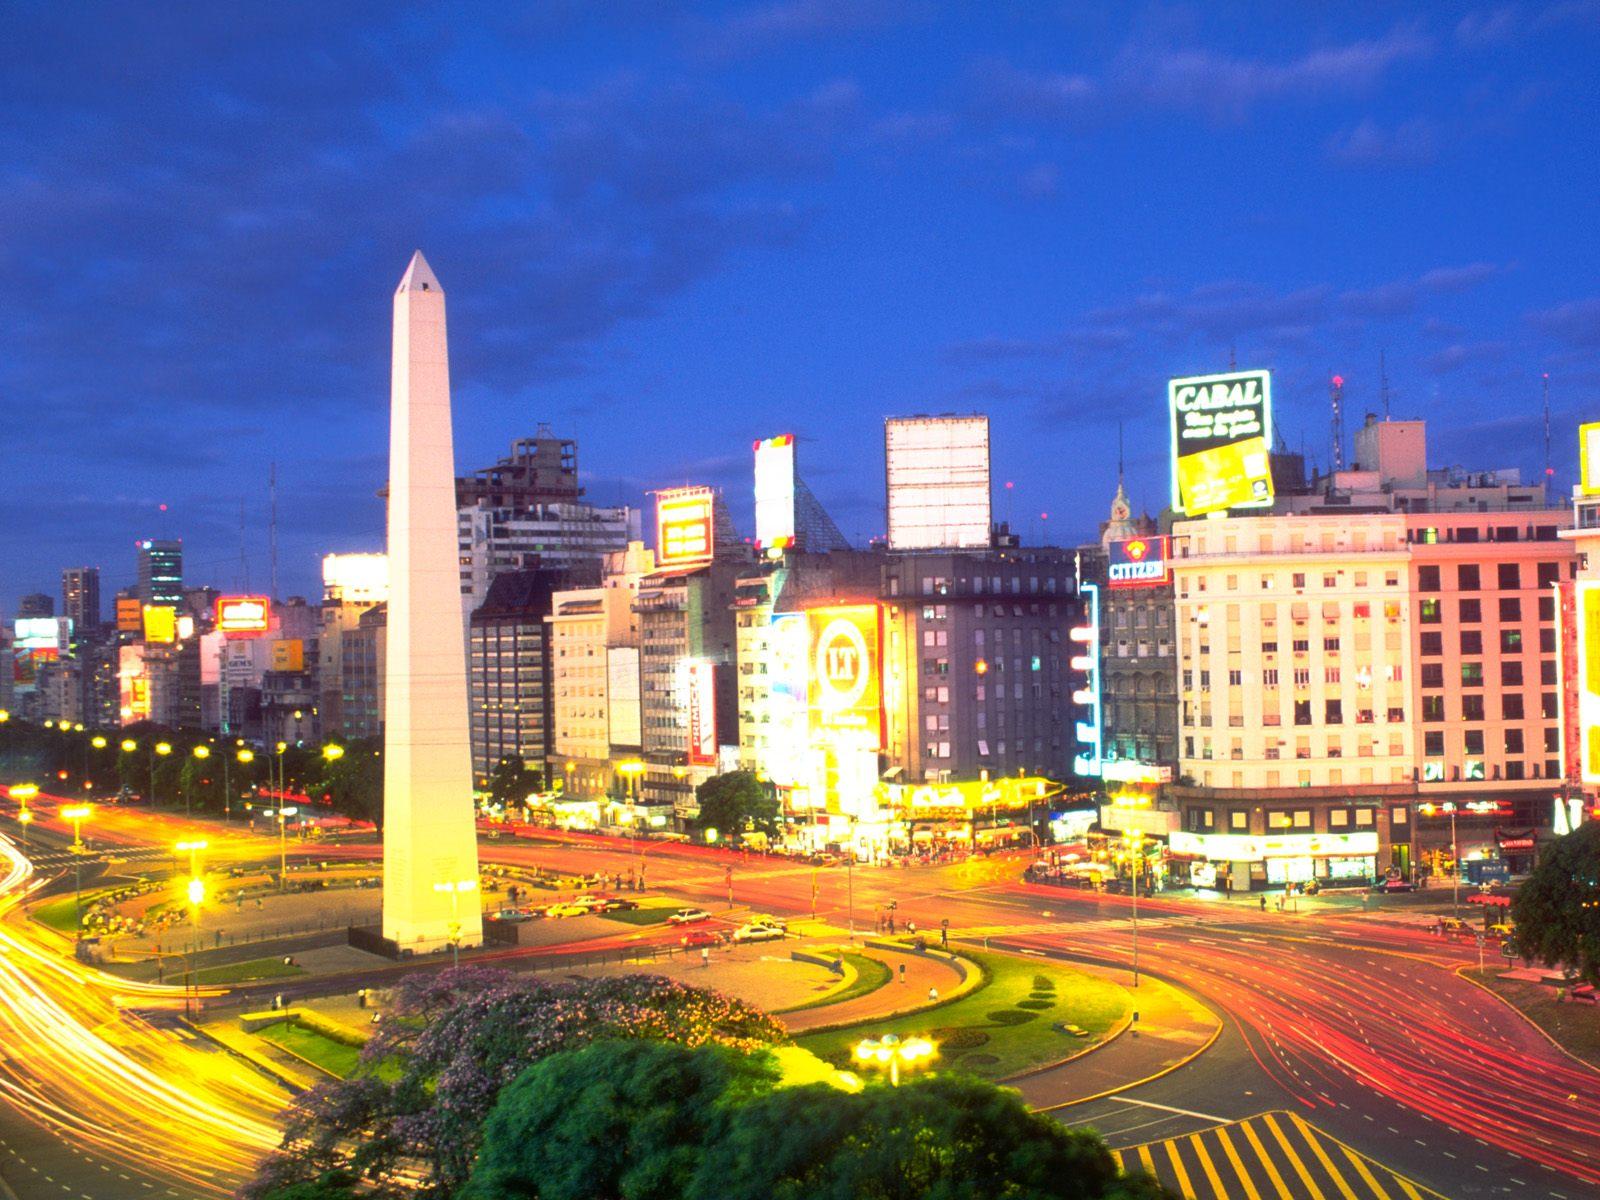 Cuộc sống về đêm đầy màu sắc và văn hóa đa dạng ở Buenos Aires